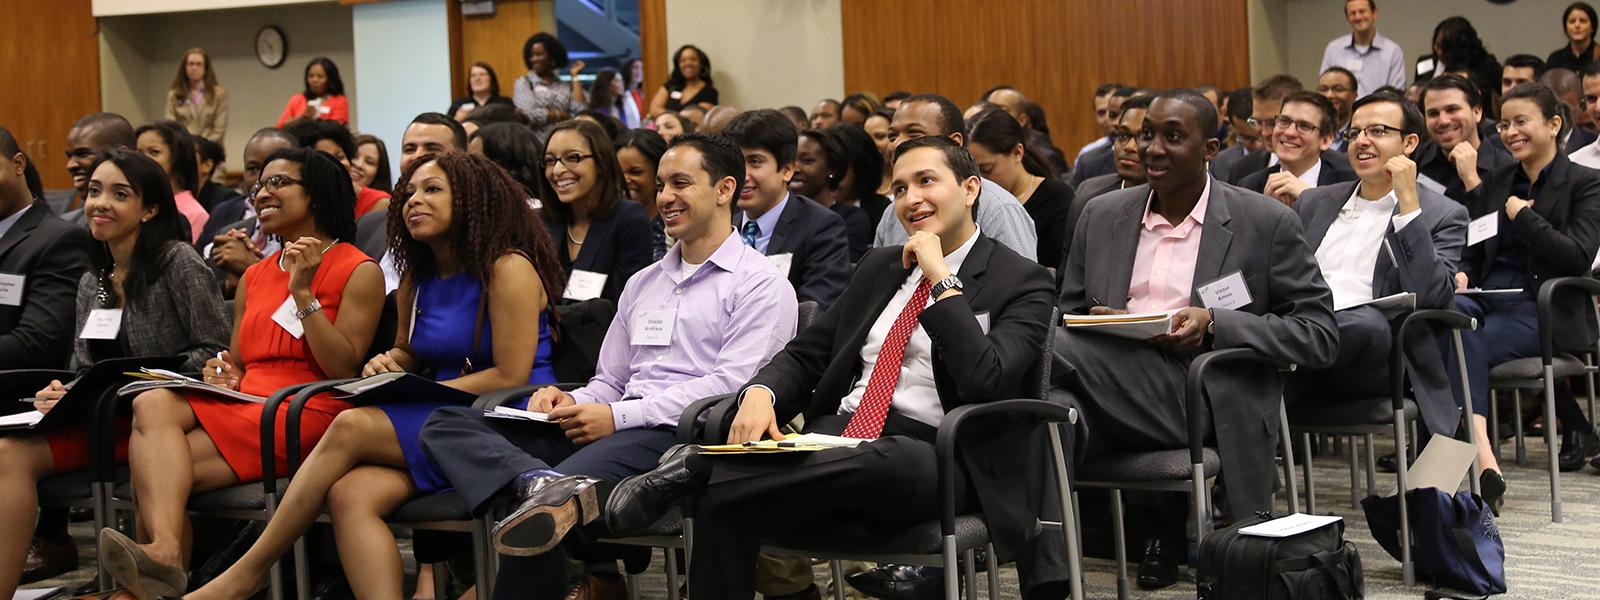 Vanguard MLT MBA diversity partnership